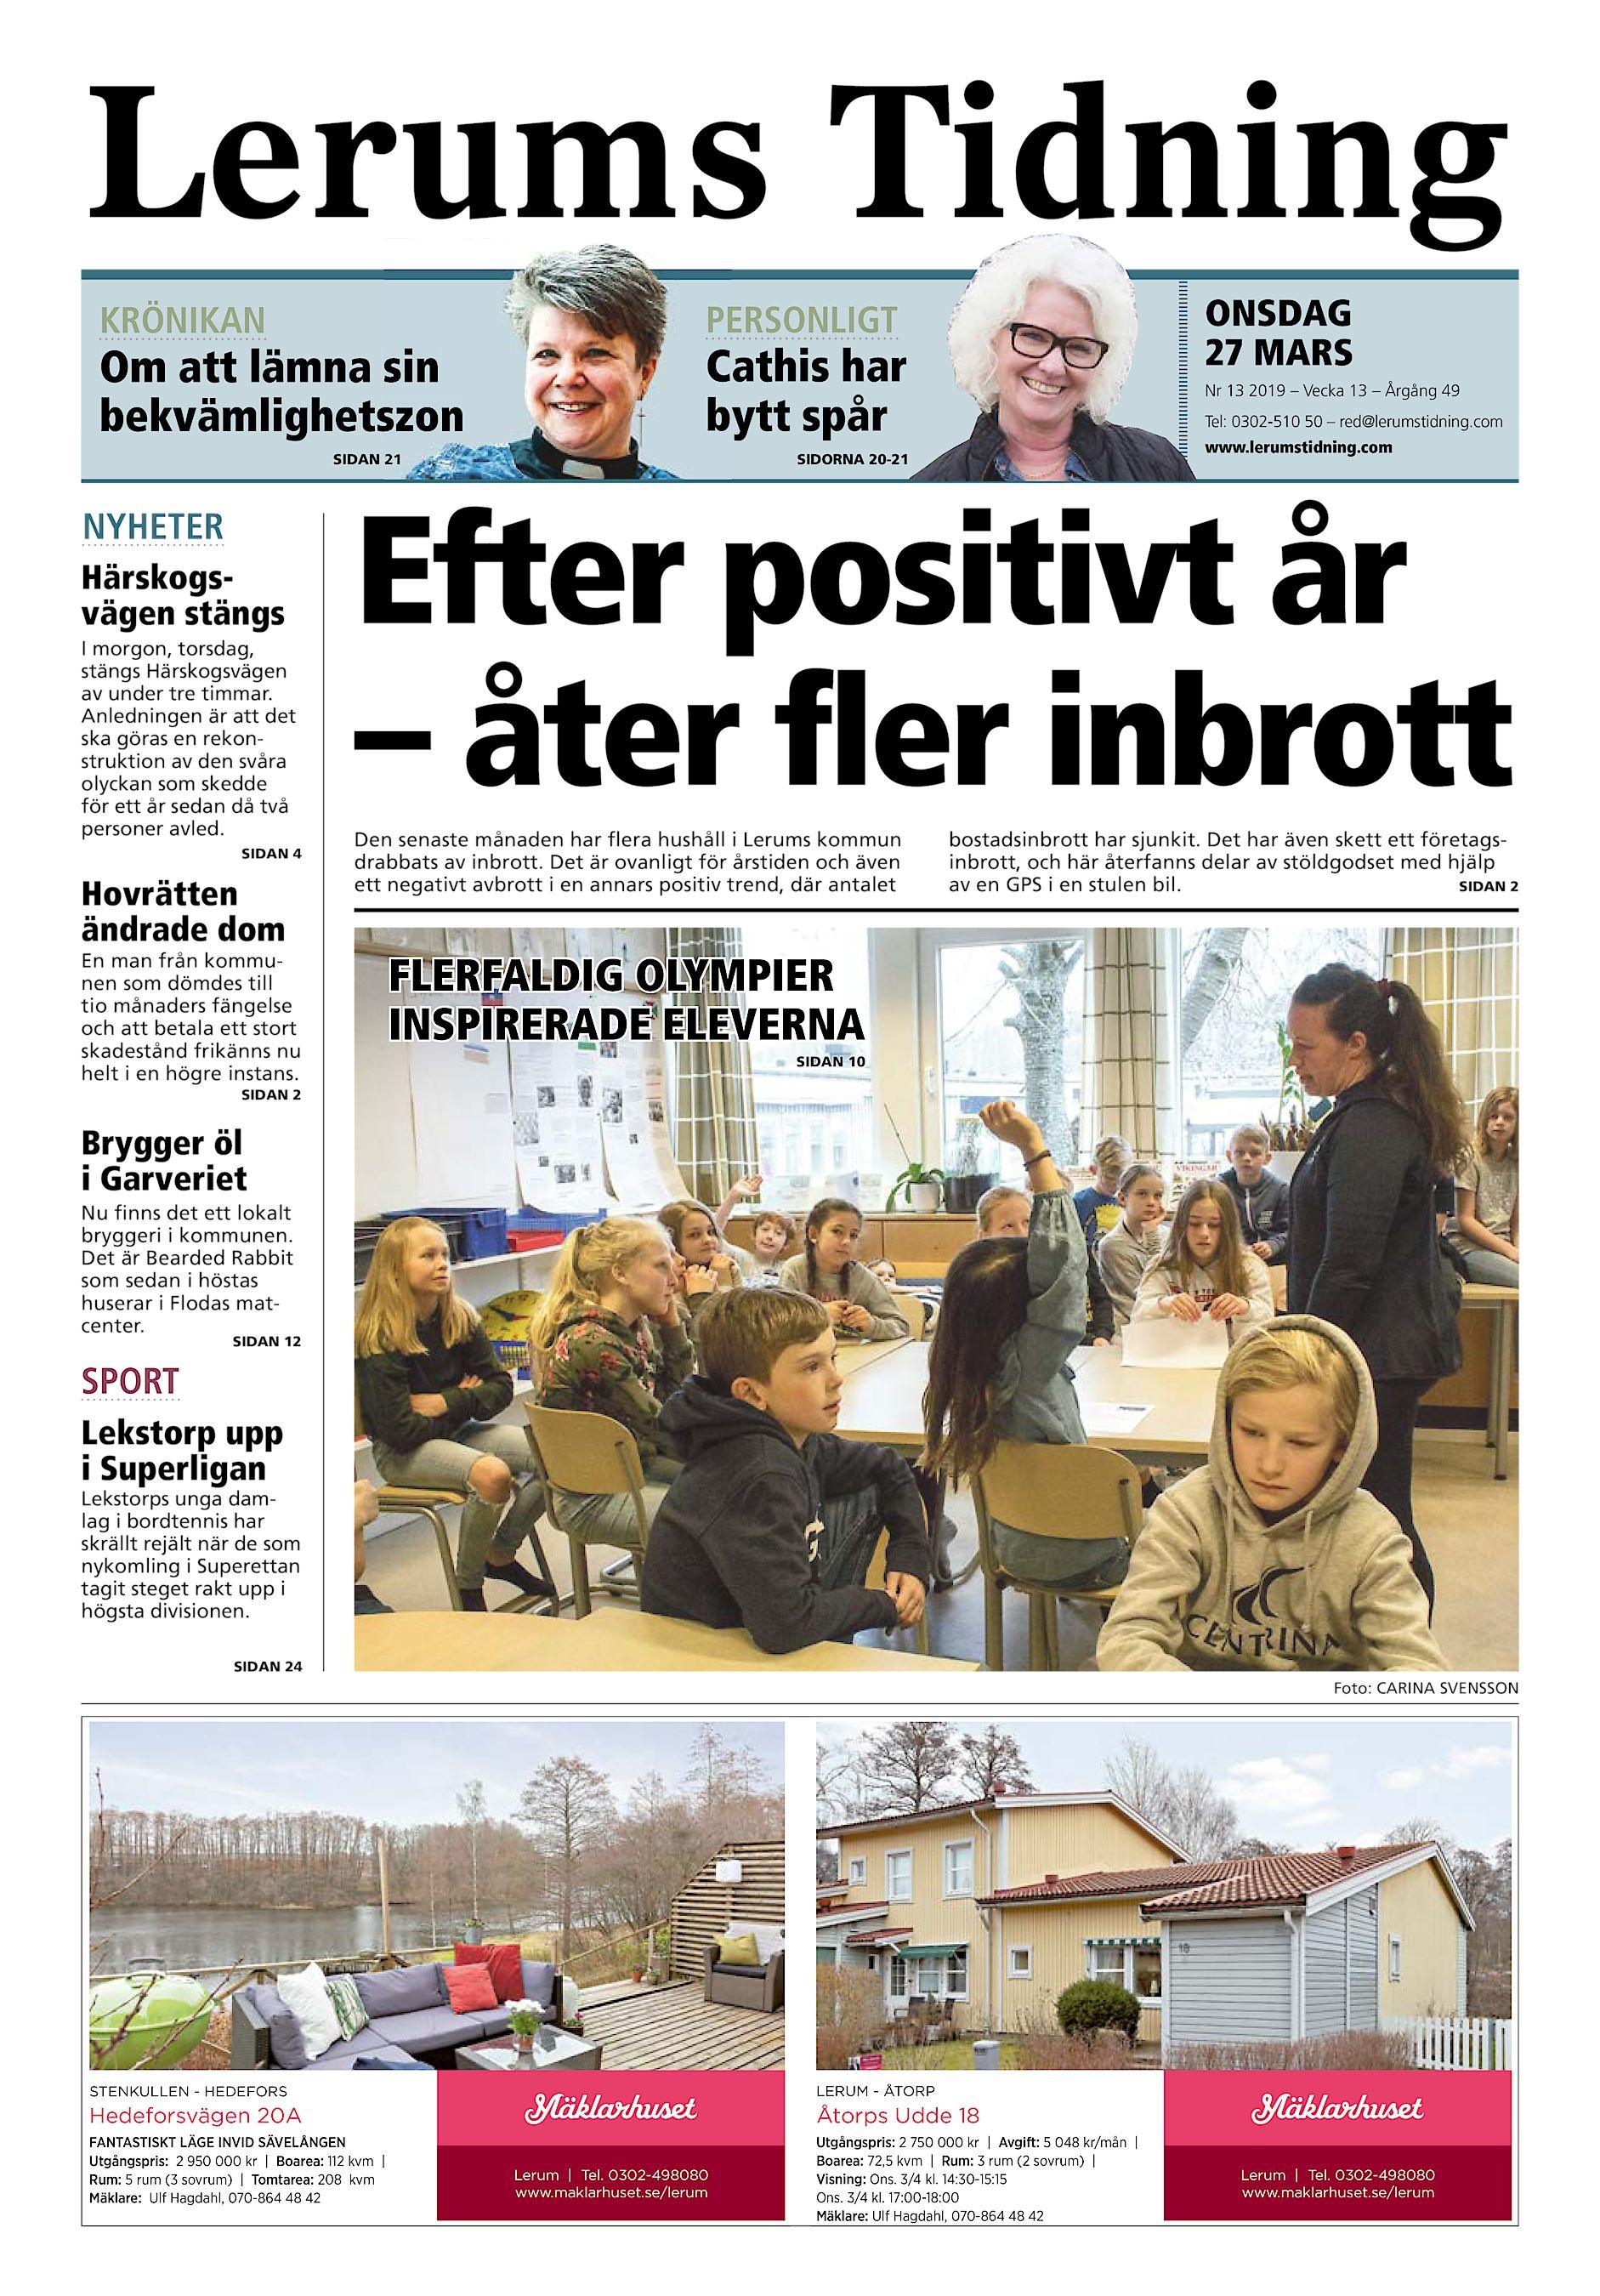 bb44900b2a6 Lerums Tidning KRÖNIKAN Om att lämna sin bekvämlighetszon Cathis har bytt  spår SIDAN 21 NYHETER Härskogsvägen stängs I morgon, torsdag, stängs  Härskogsvägen ...